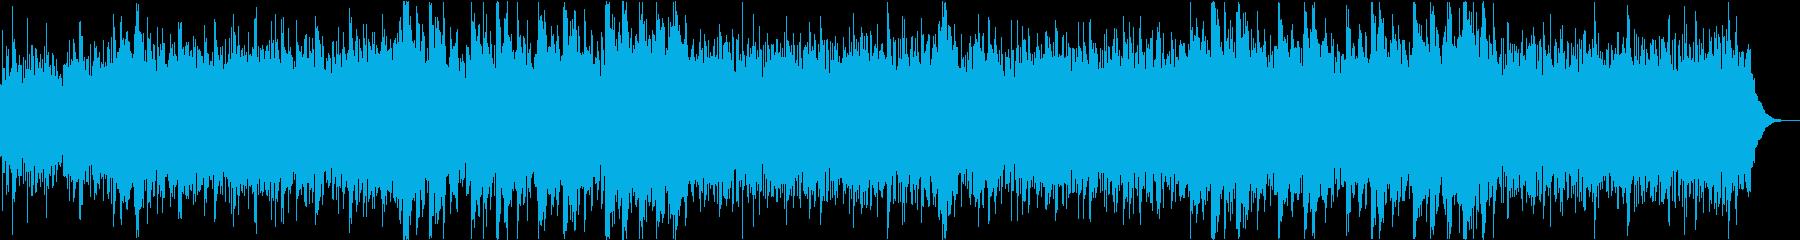 クリーンなイメージのコーポレートvr2の再生済みの波形